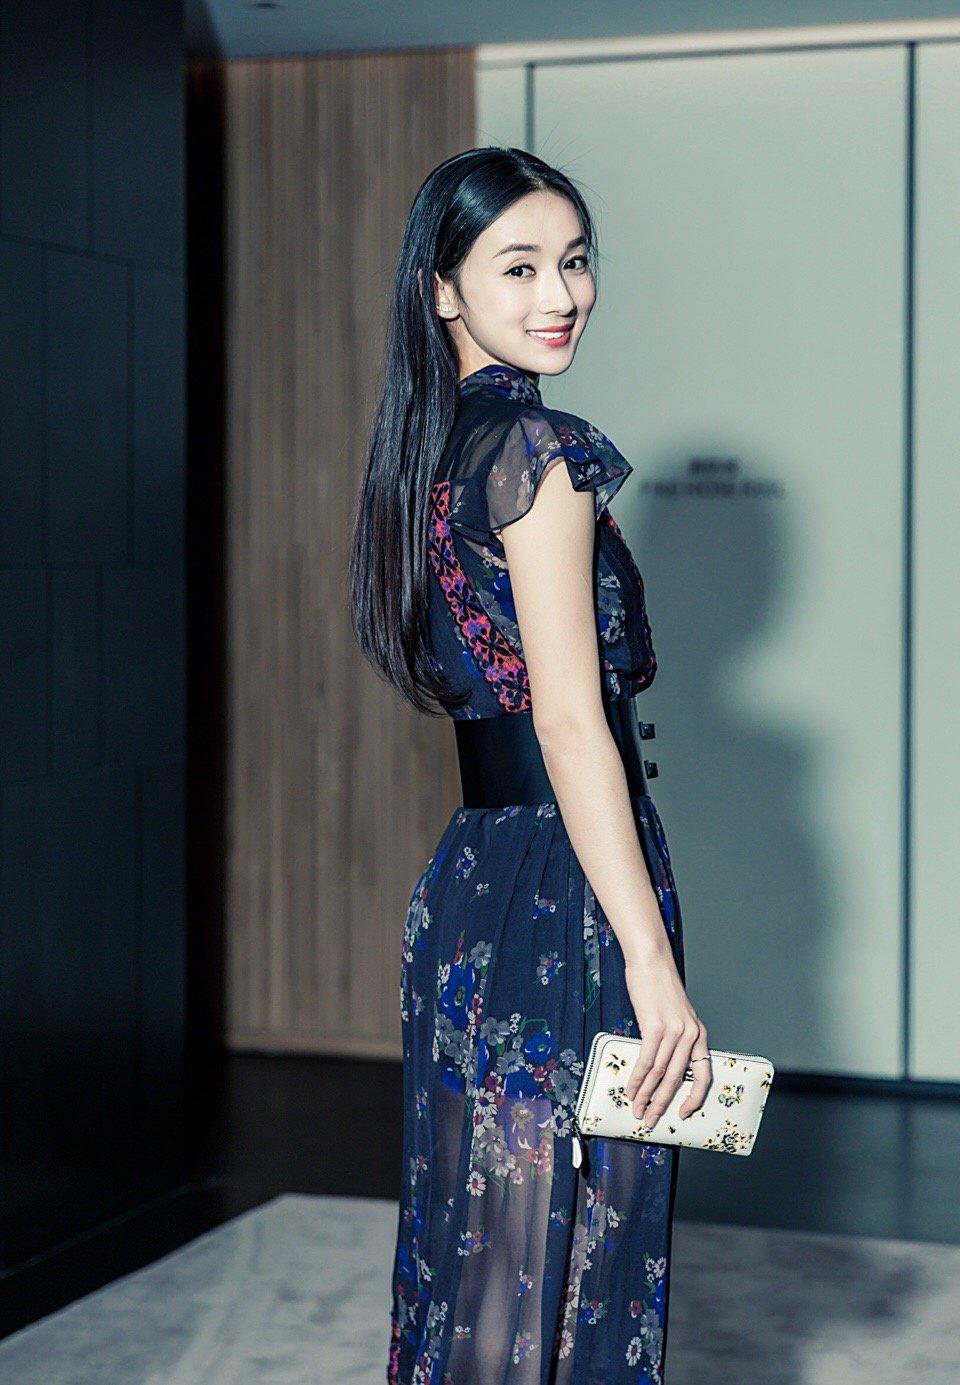 李若宁甜美气质活动照图片